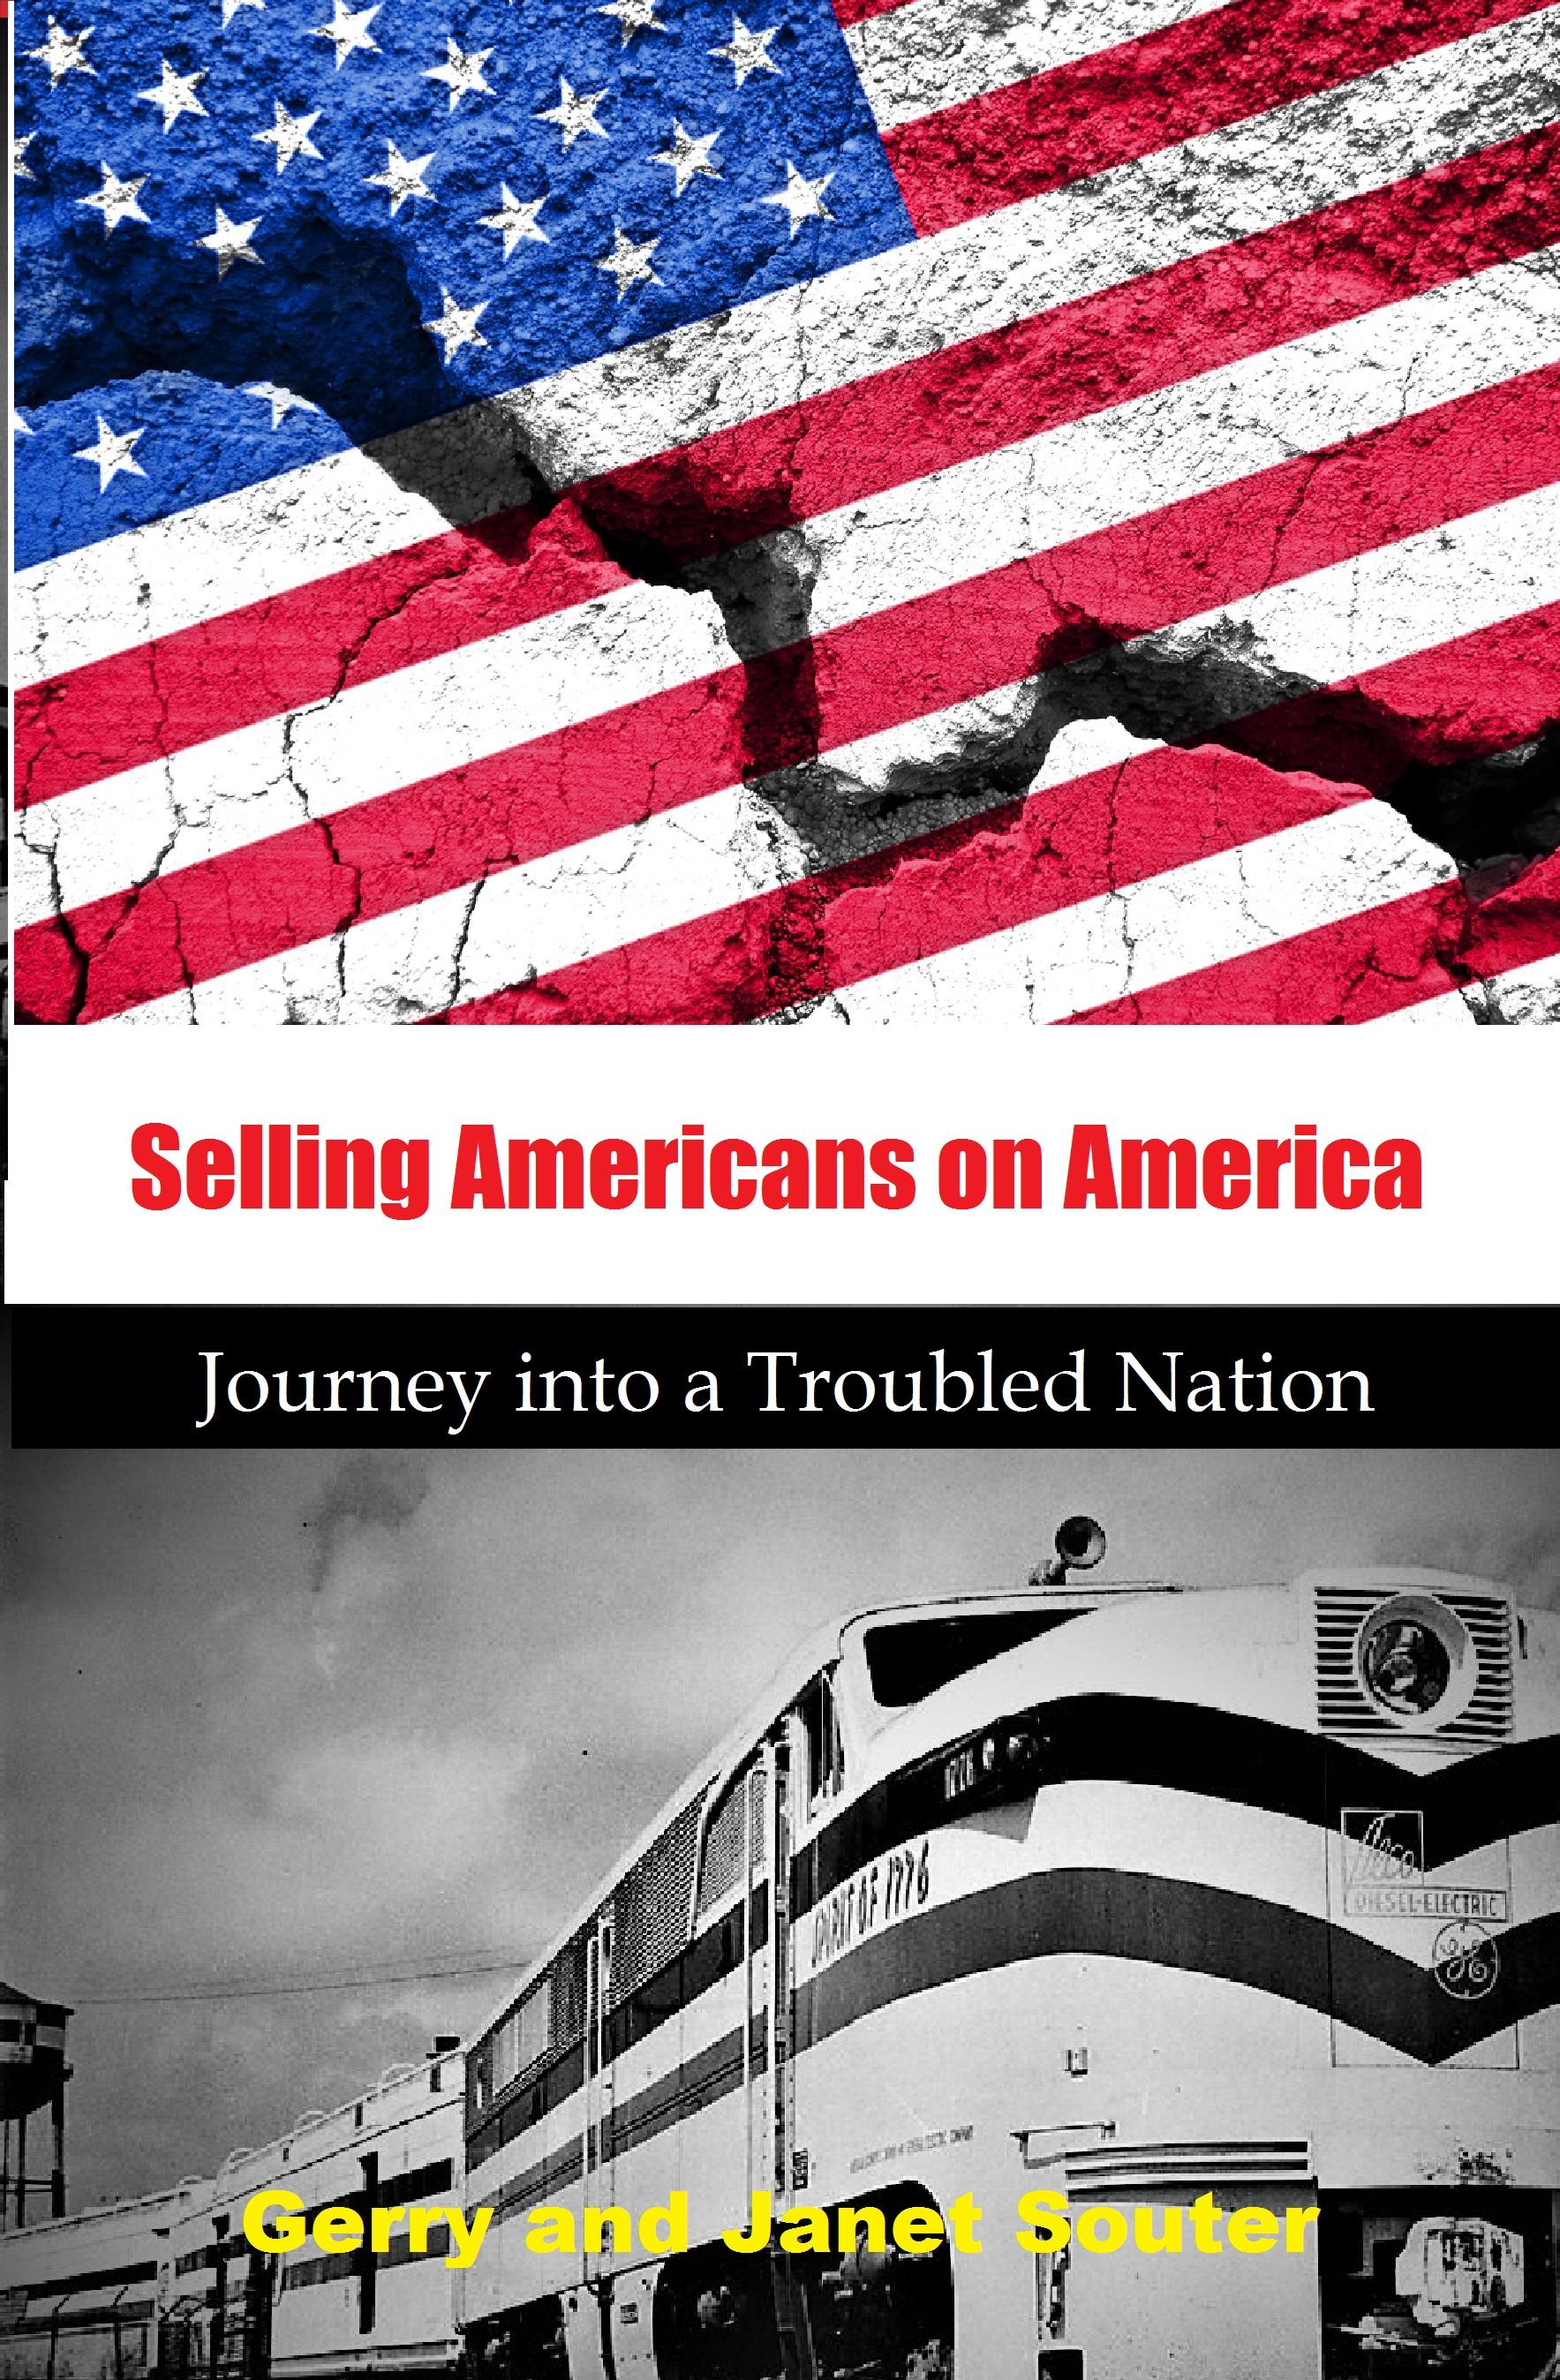 20190623 Selling Americans on America.jpg